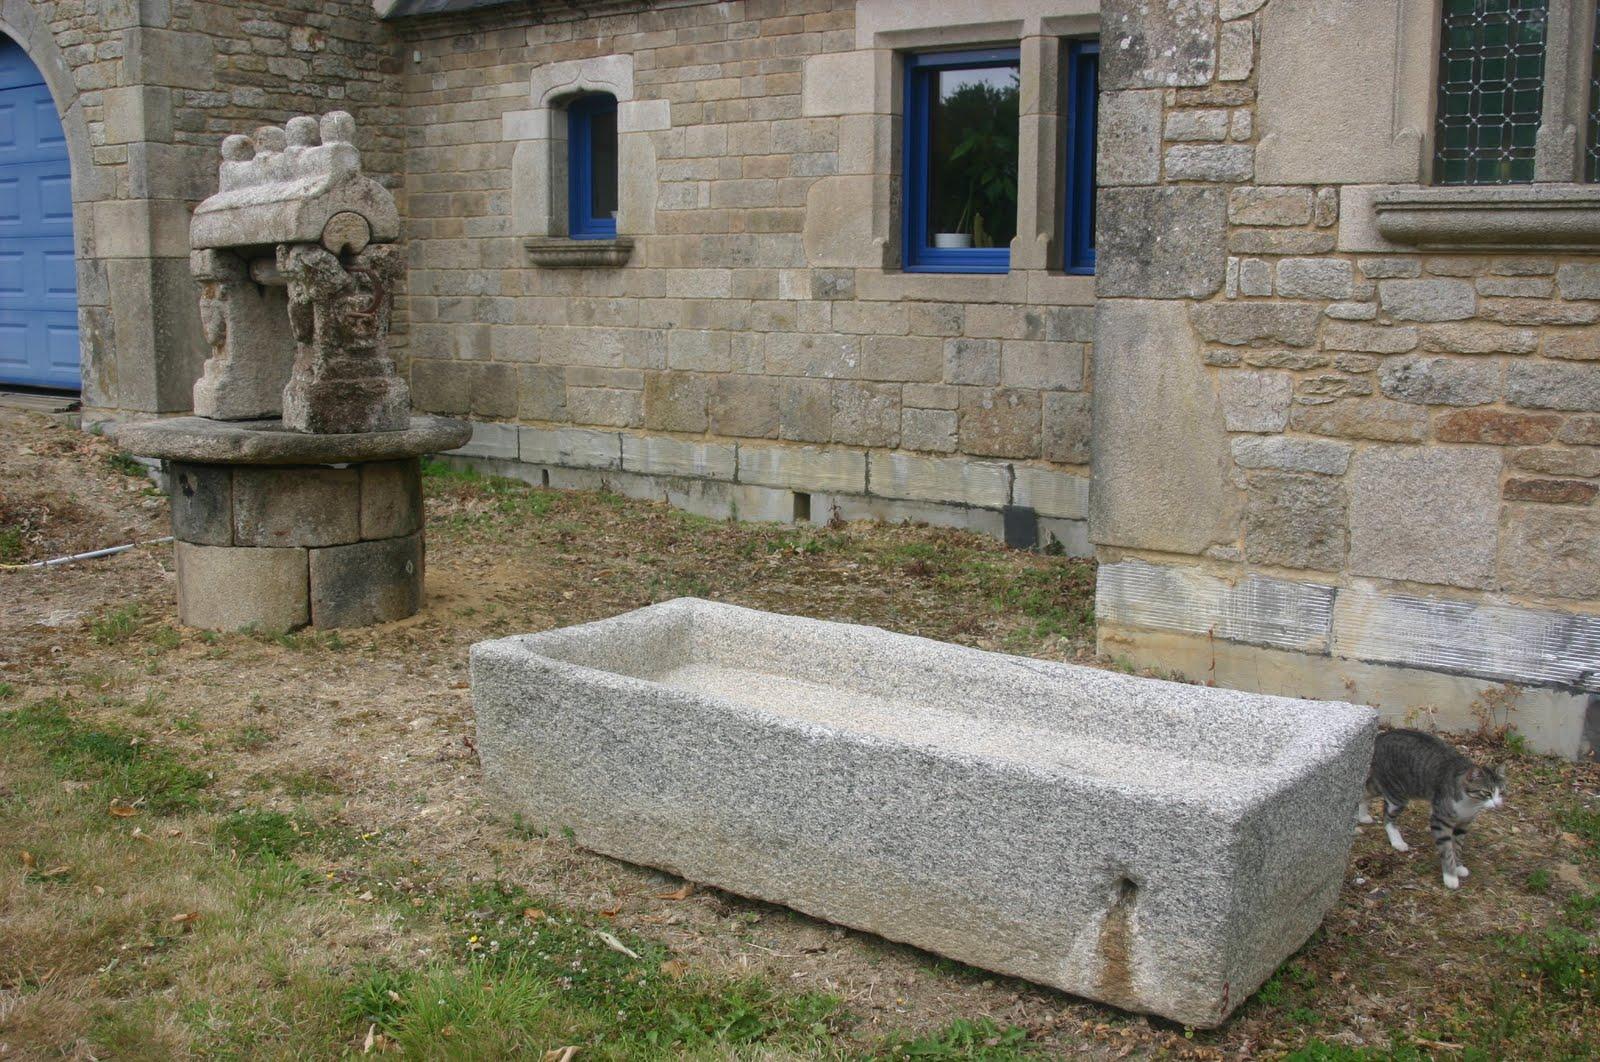 Vieux granits sarl poulain mat riaux anciens - Materiaux anciens normandie ...